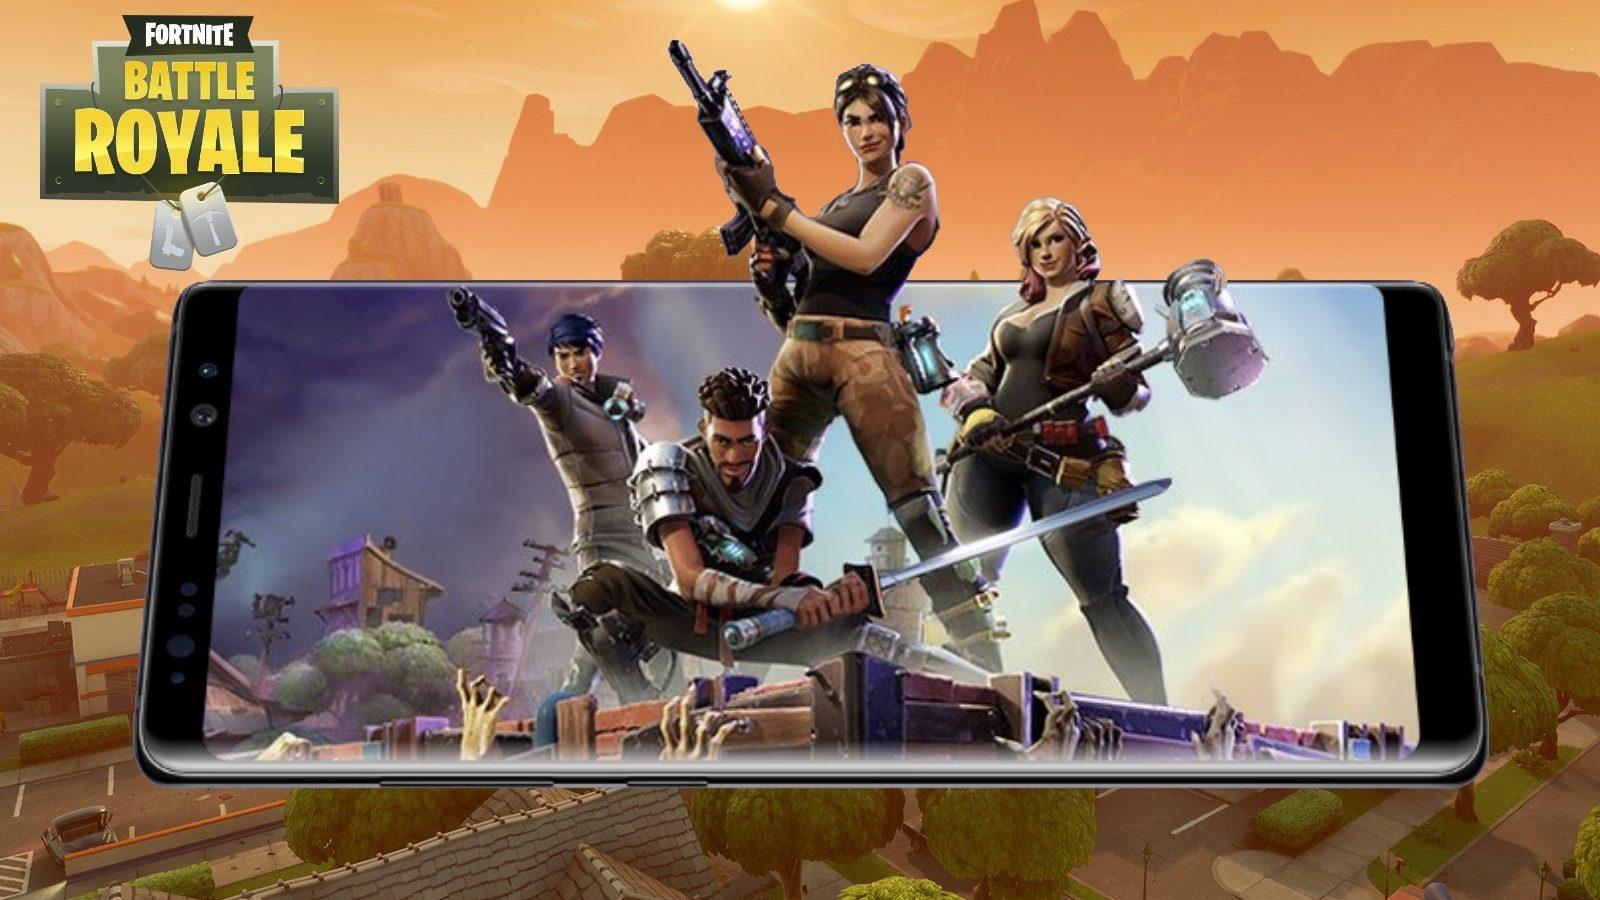 تنزيل لعبة Fortnite للايفون والاندرويد مجانا تنزيل لعبة فورت نايت للاندرويد و الايفون Mobdeon Net